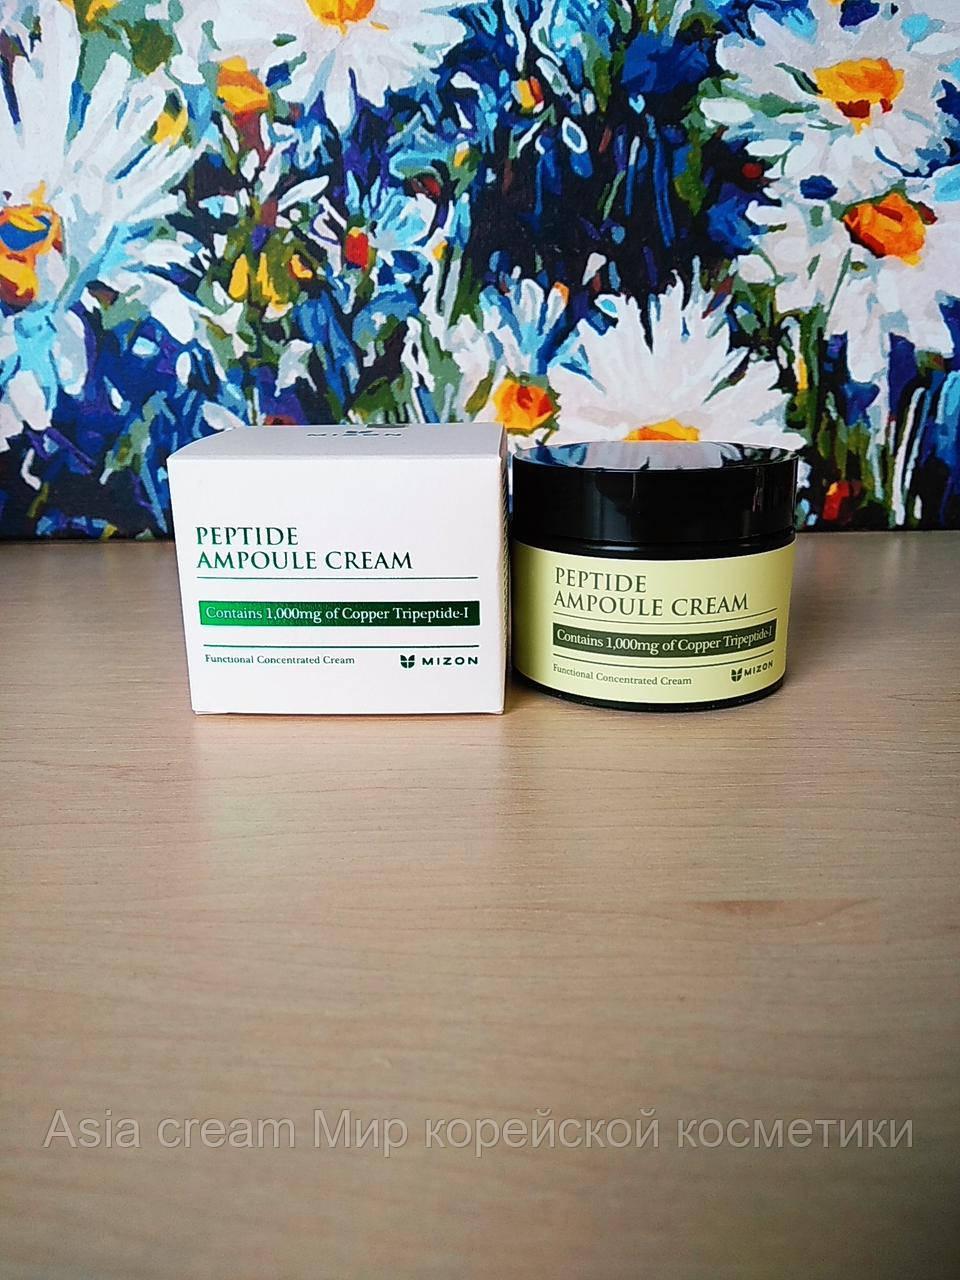 Пептидный крем для возрастной кожи лица Mizon Peptide Ampoule Cream